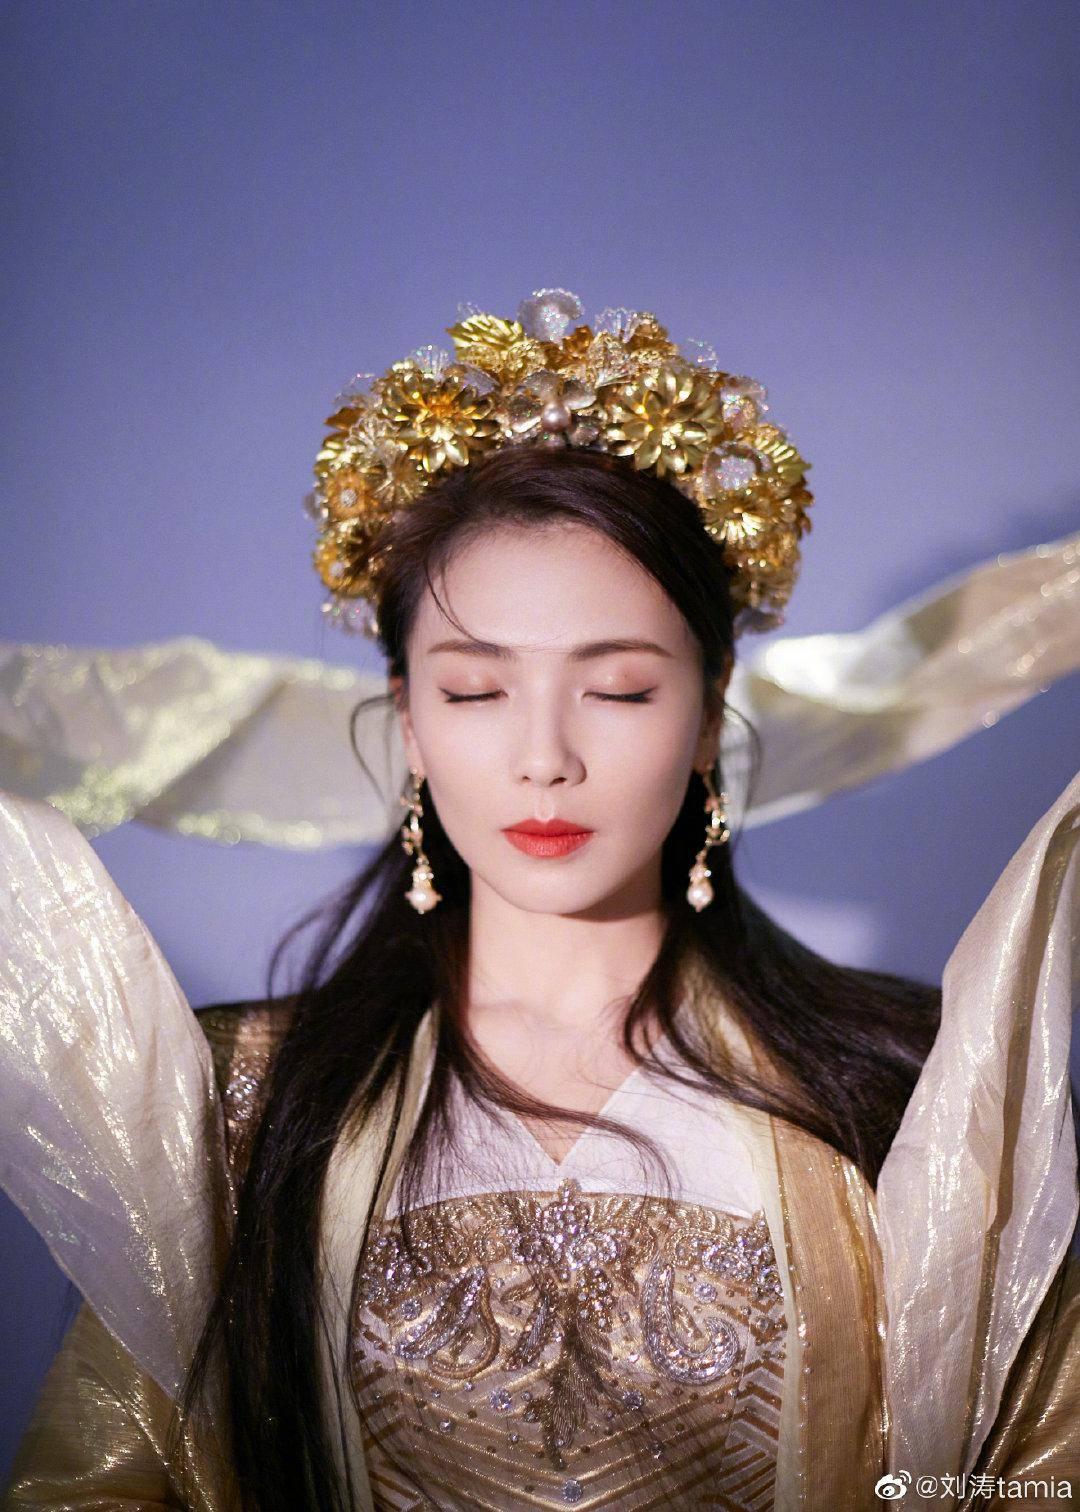 """刘涛浅金色古装造型,头戴金冠变""""天仙"""",烟云缭绕梦幻迤逦"""